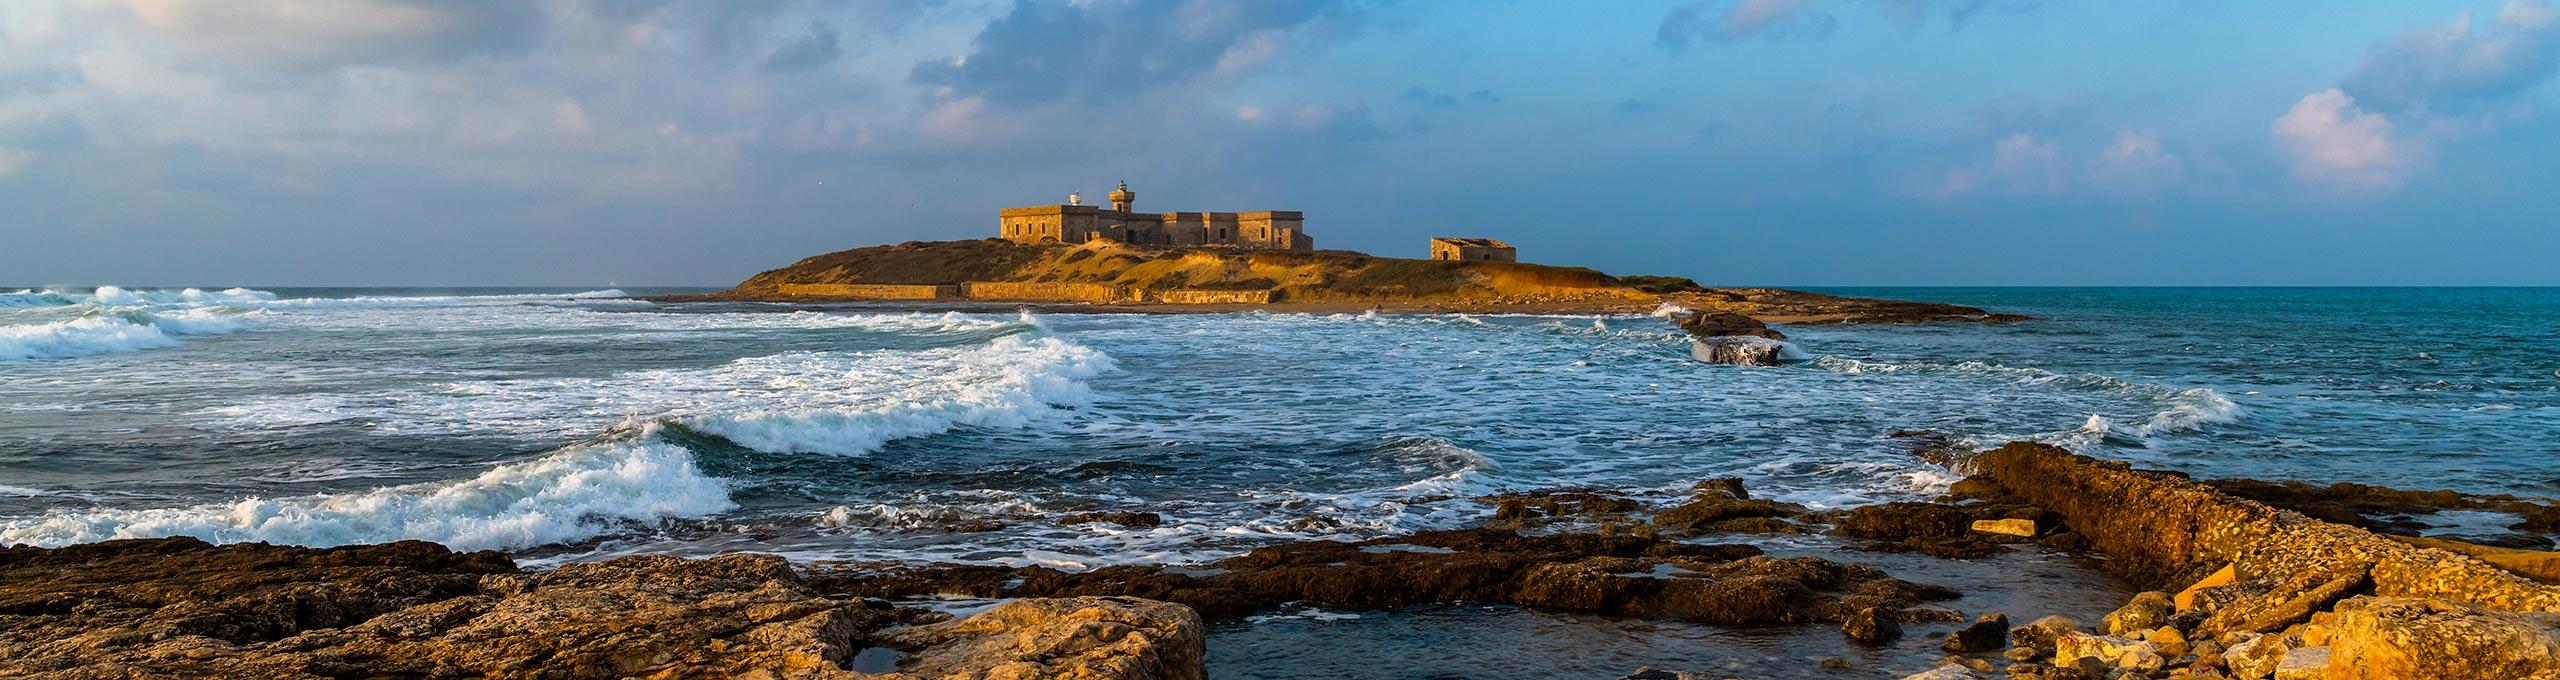 Isola di Capo Passero, punta piu' a sud della Sicilia